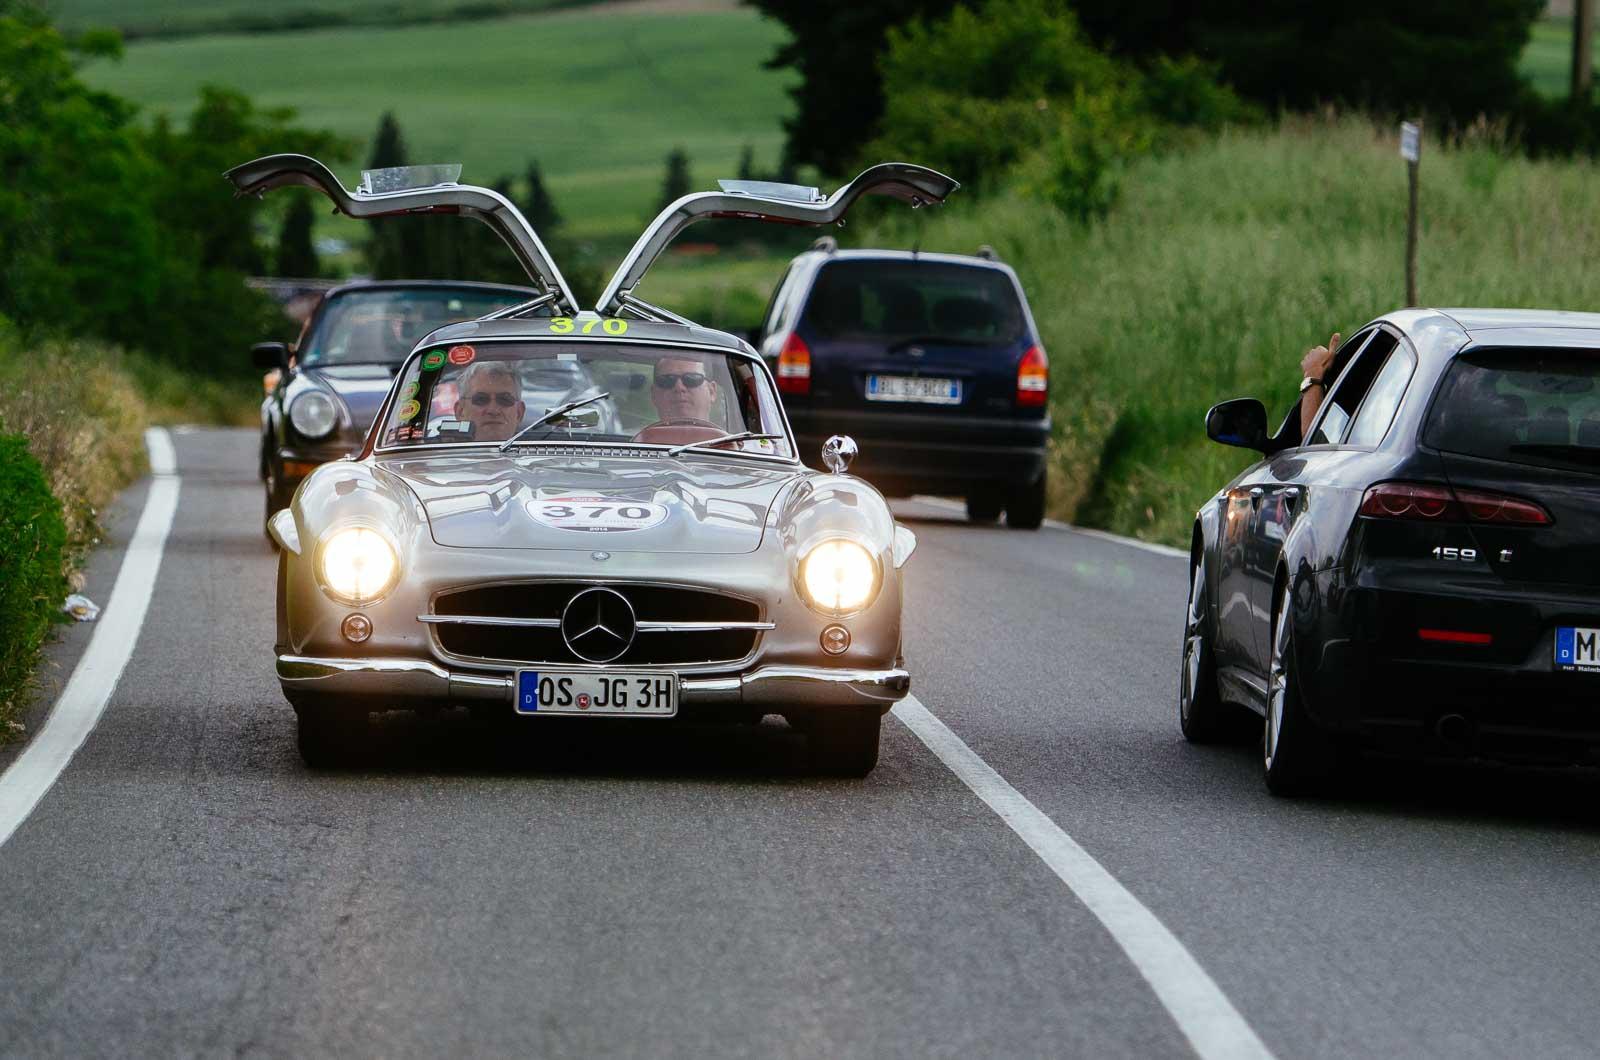 Mercedes-Benz 300 SL Flügeltürer fährt mit offenen Türen Mille Miglia